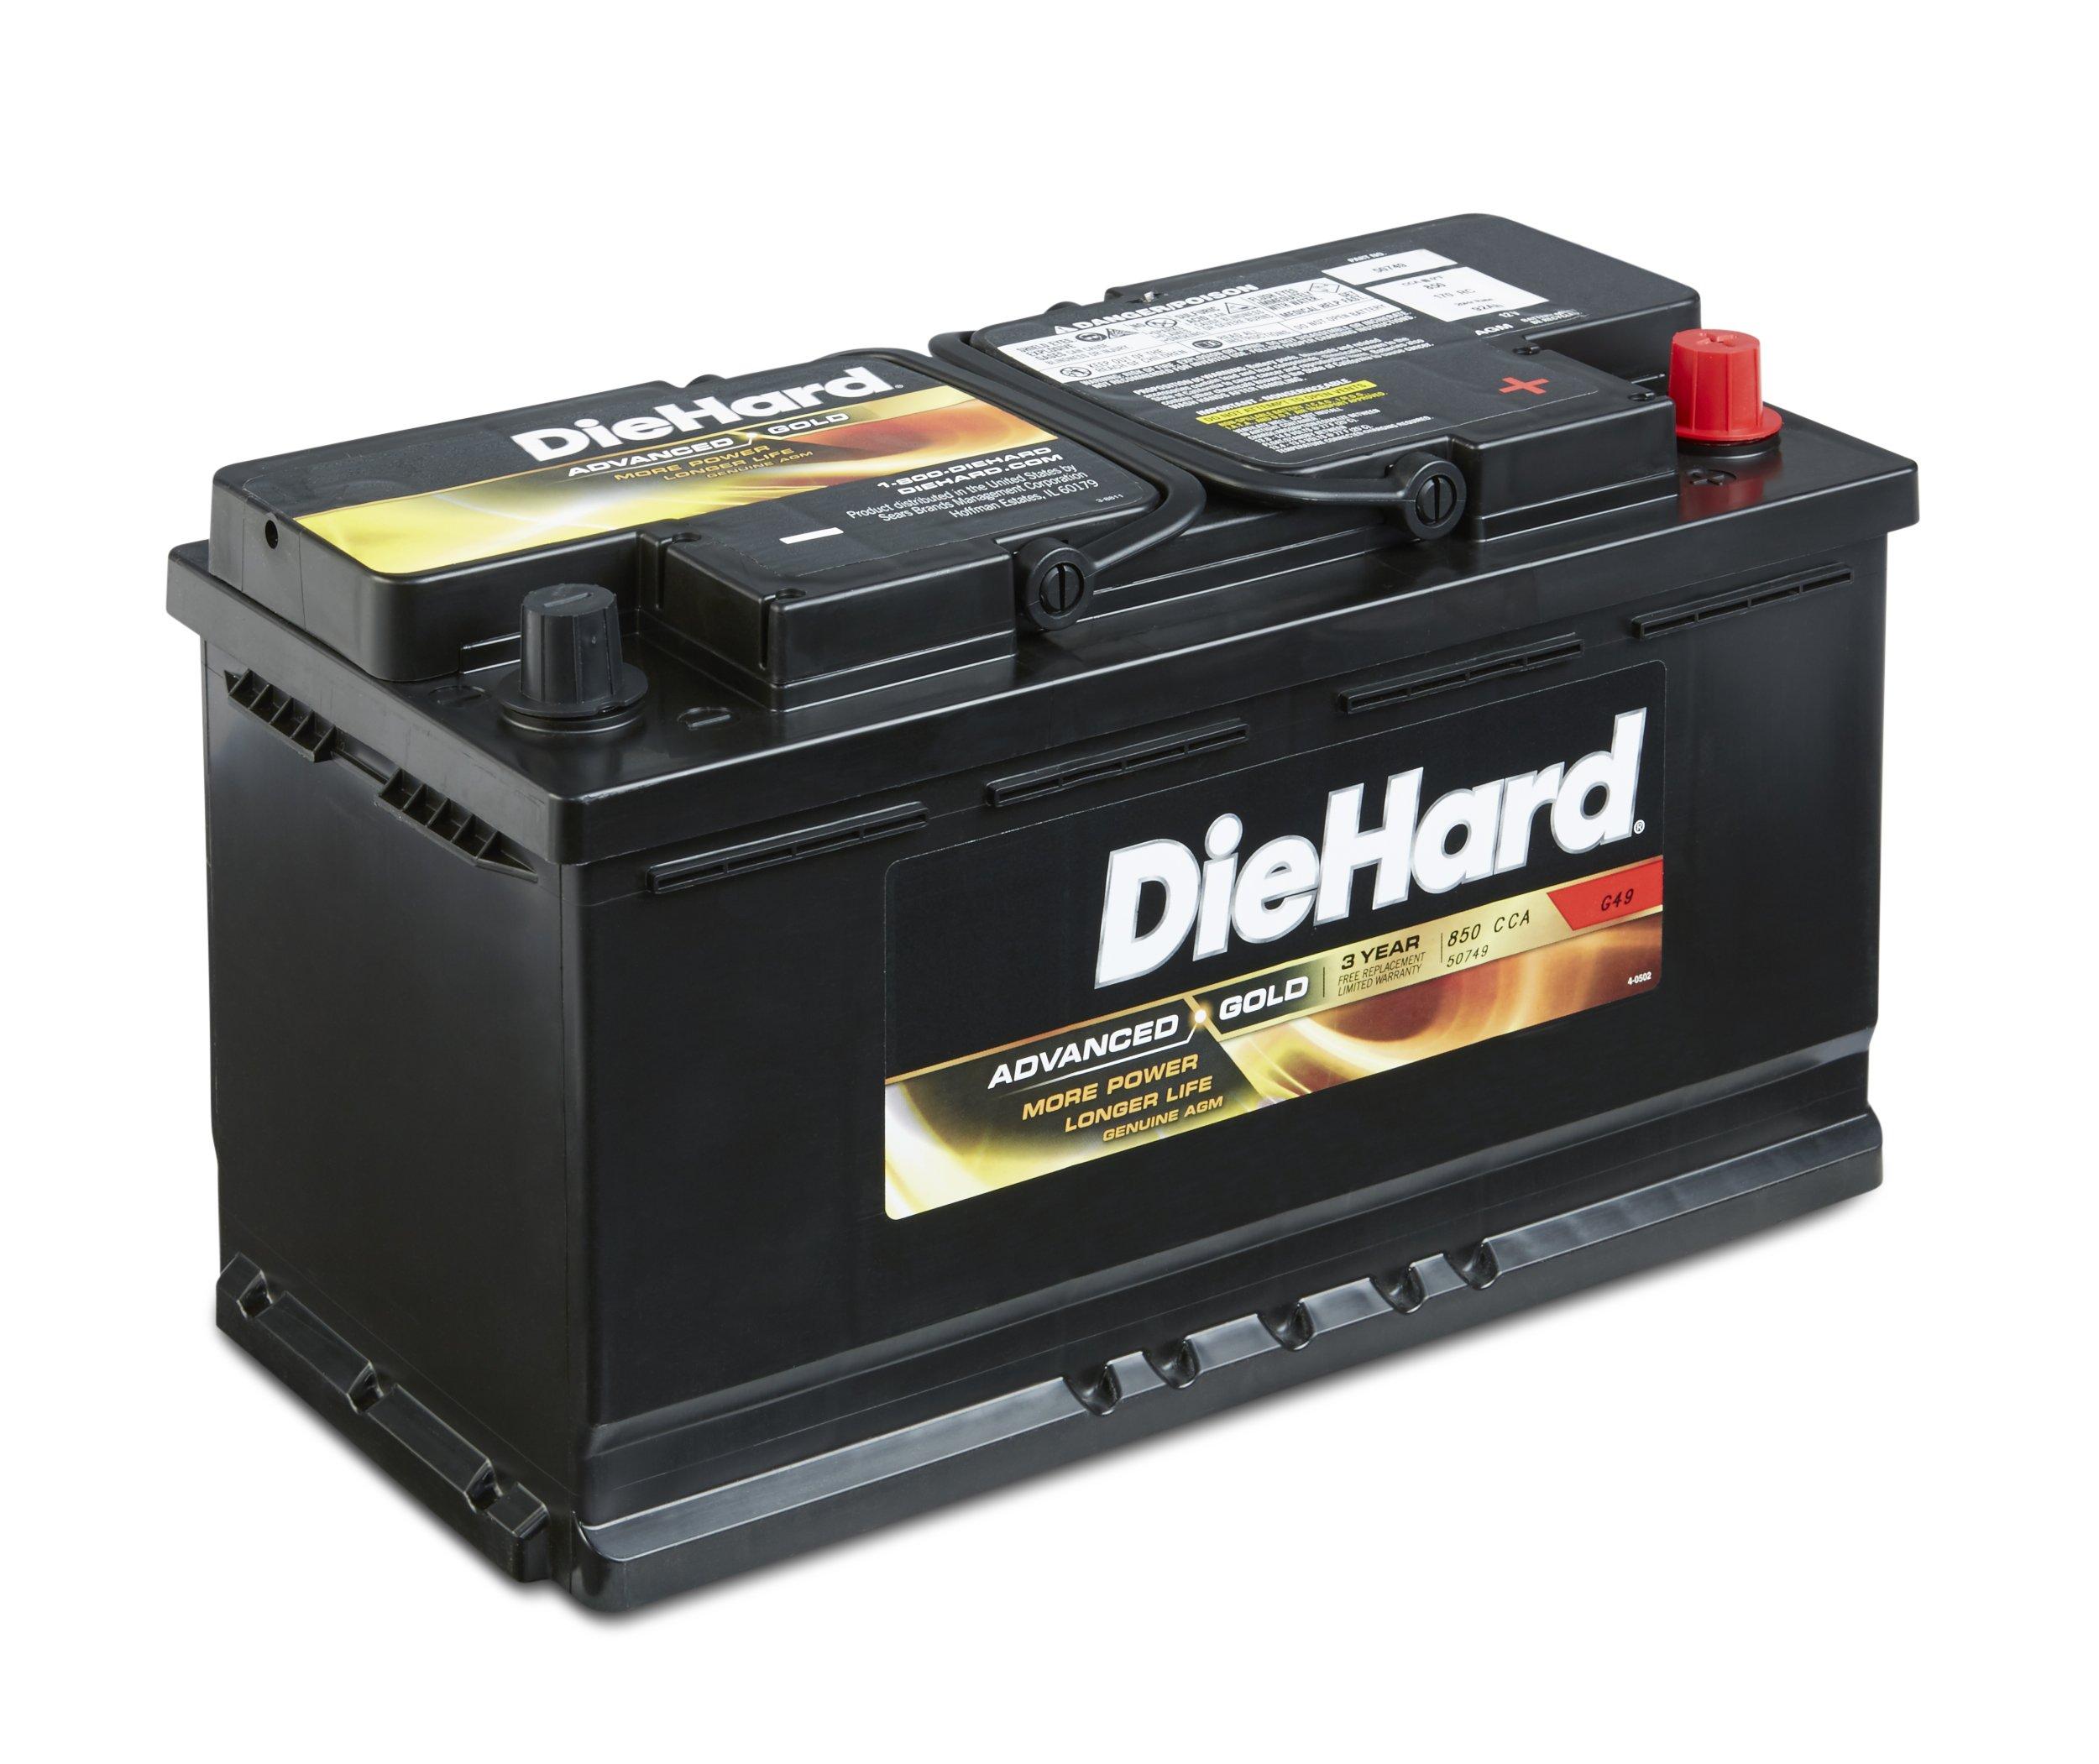 DieHard 38217 Advanced Gold AGM Battery (GP 49)